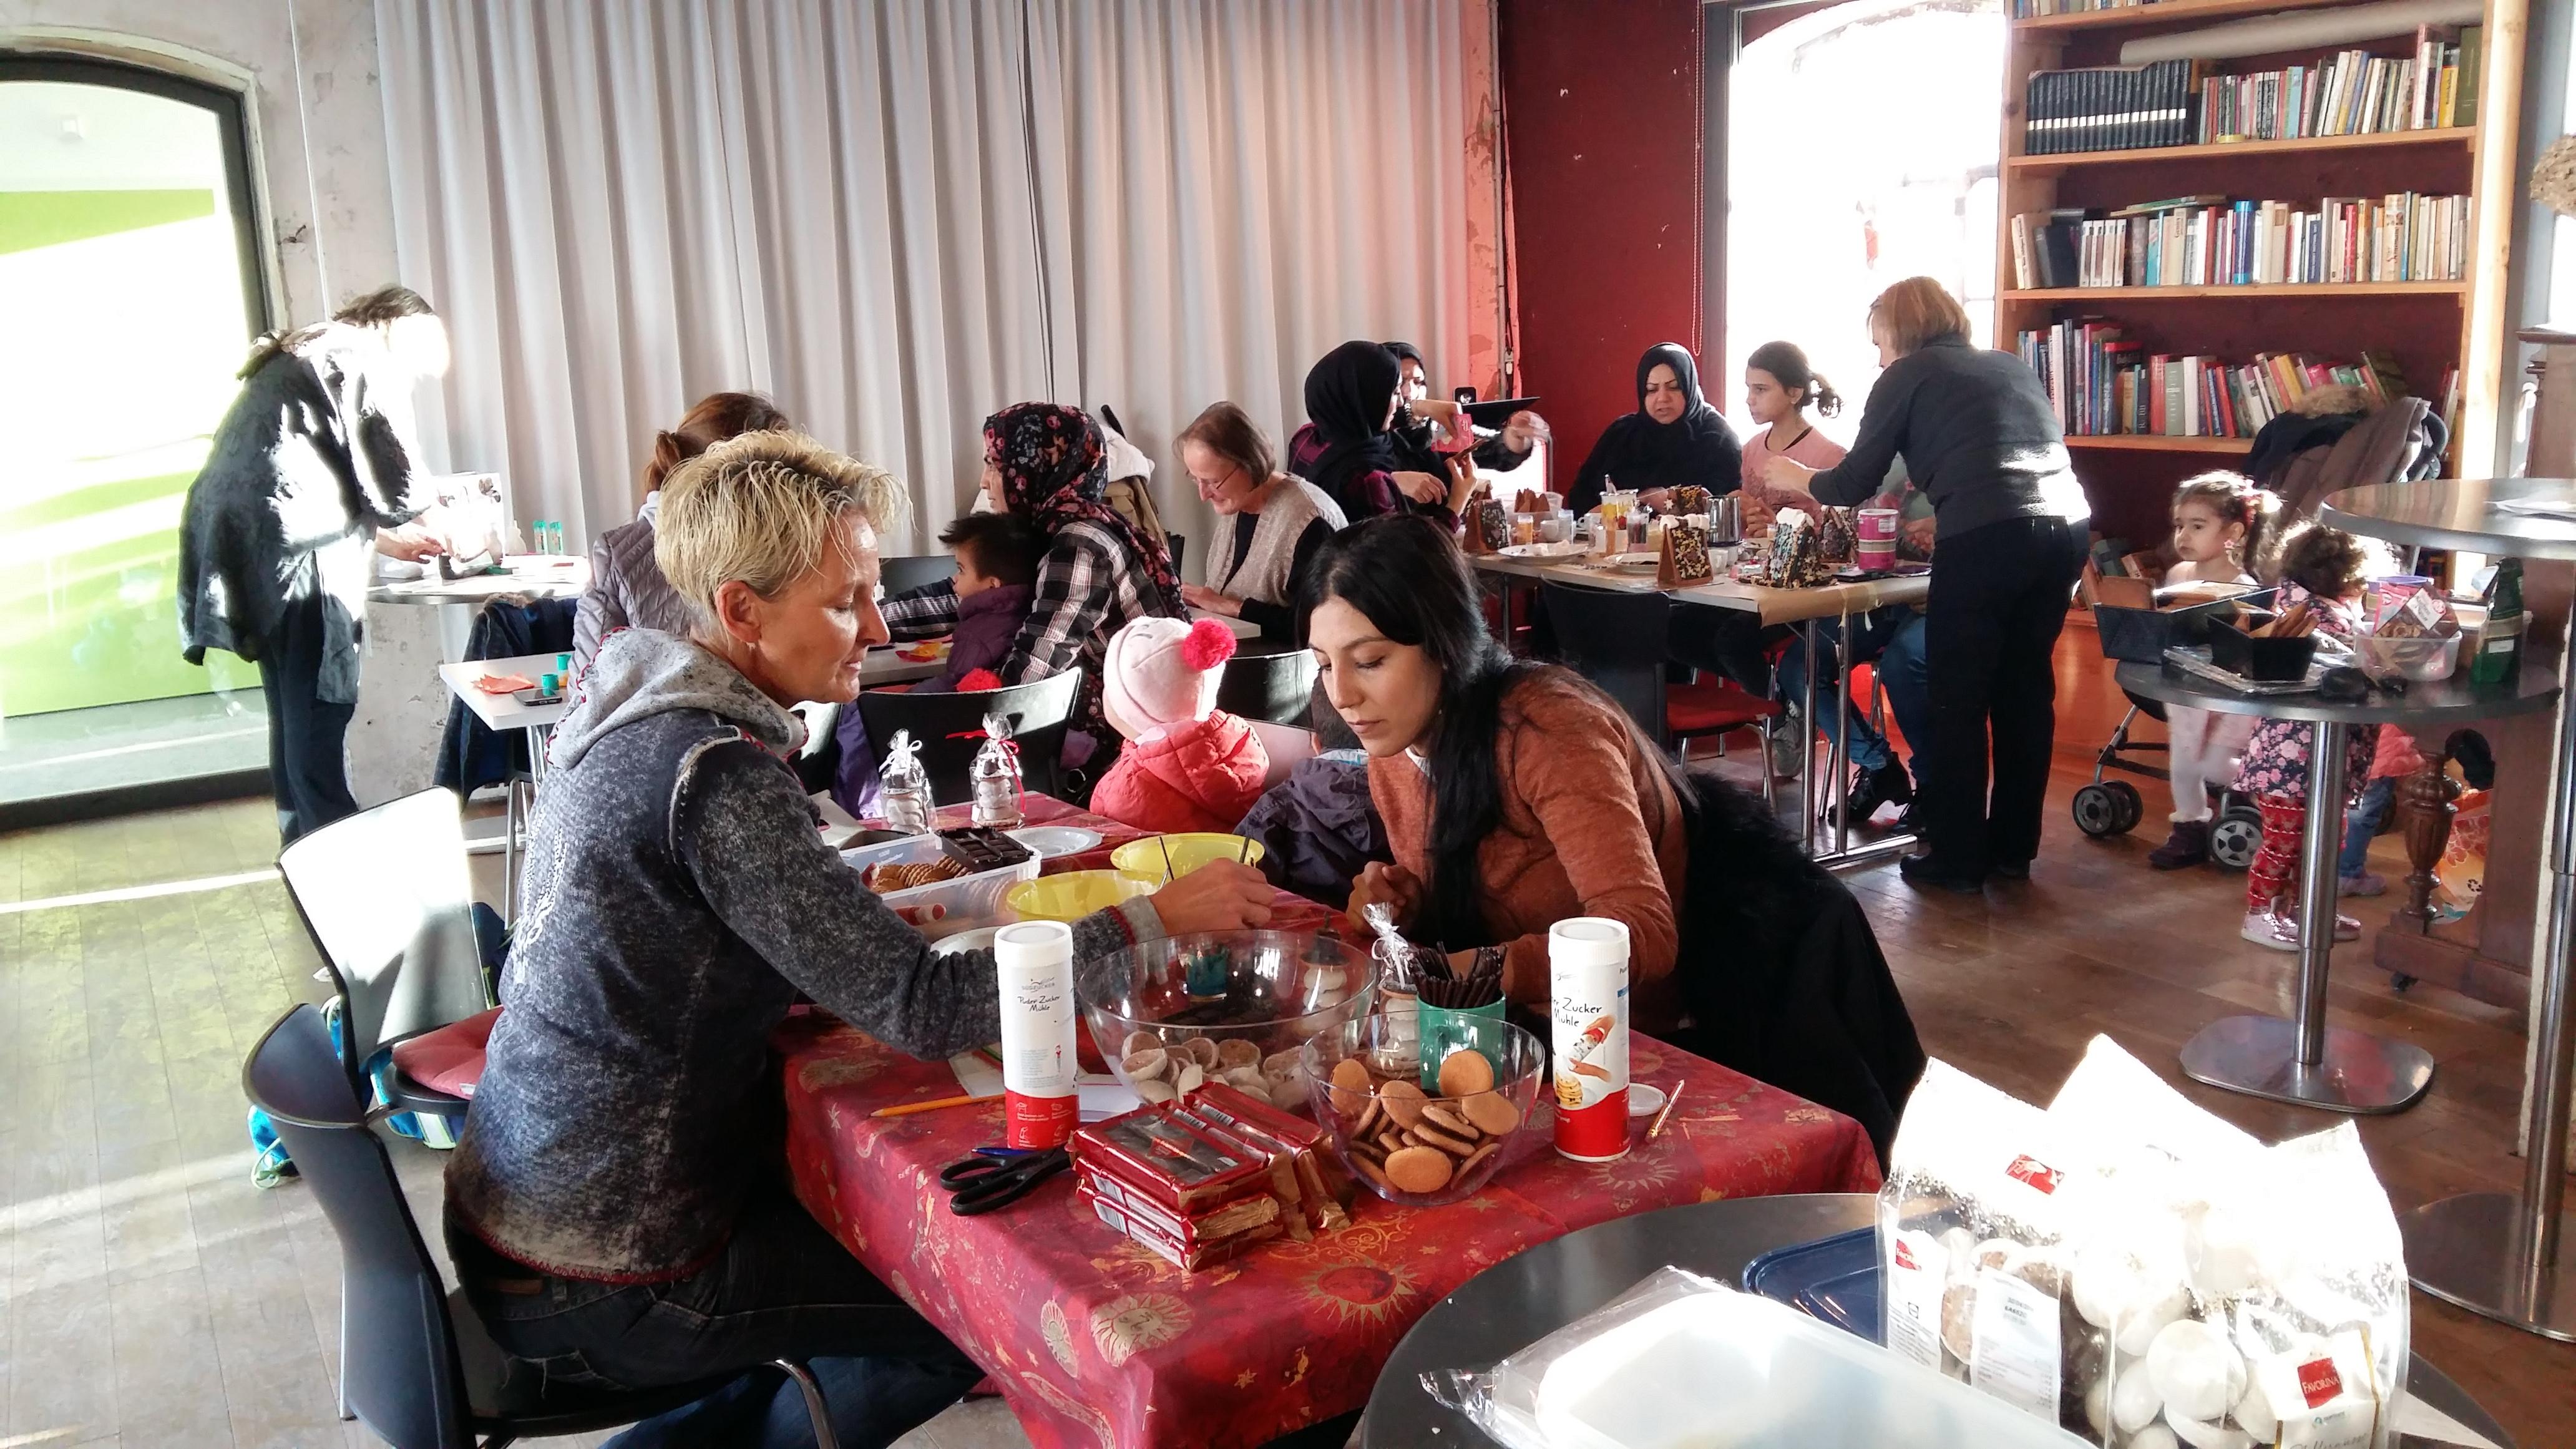 Flüchtlingen Weihnachtstraditionen beim gemeinsamen Basteln vermittelt